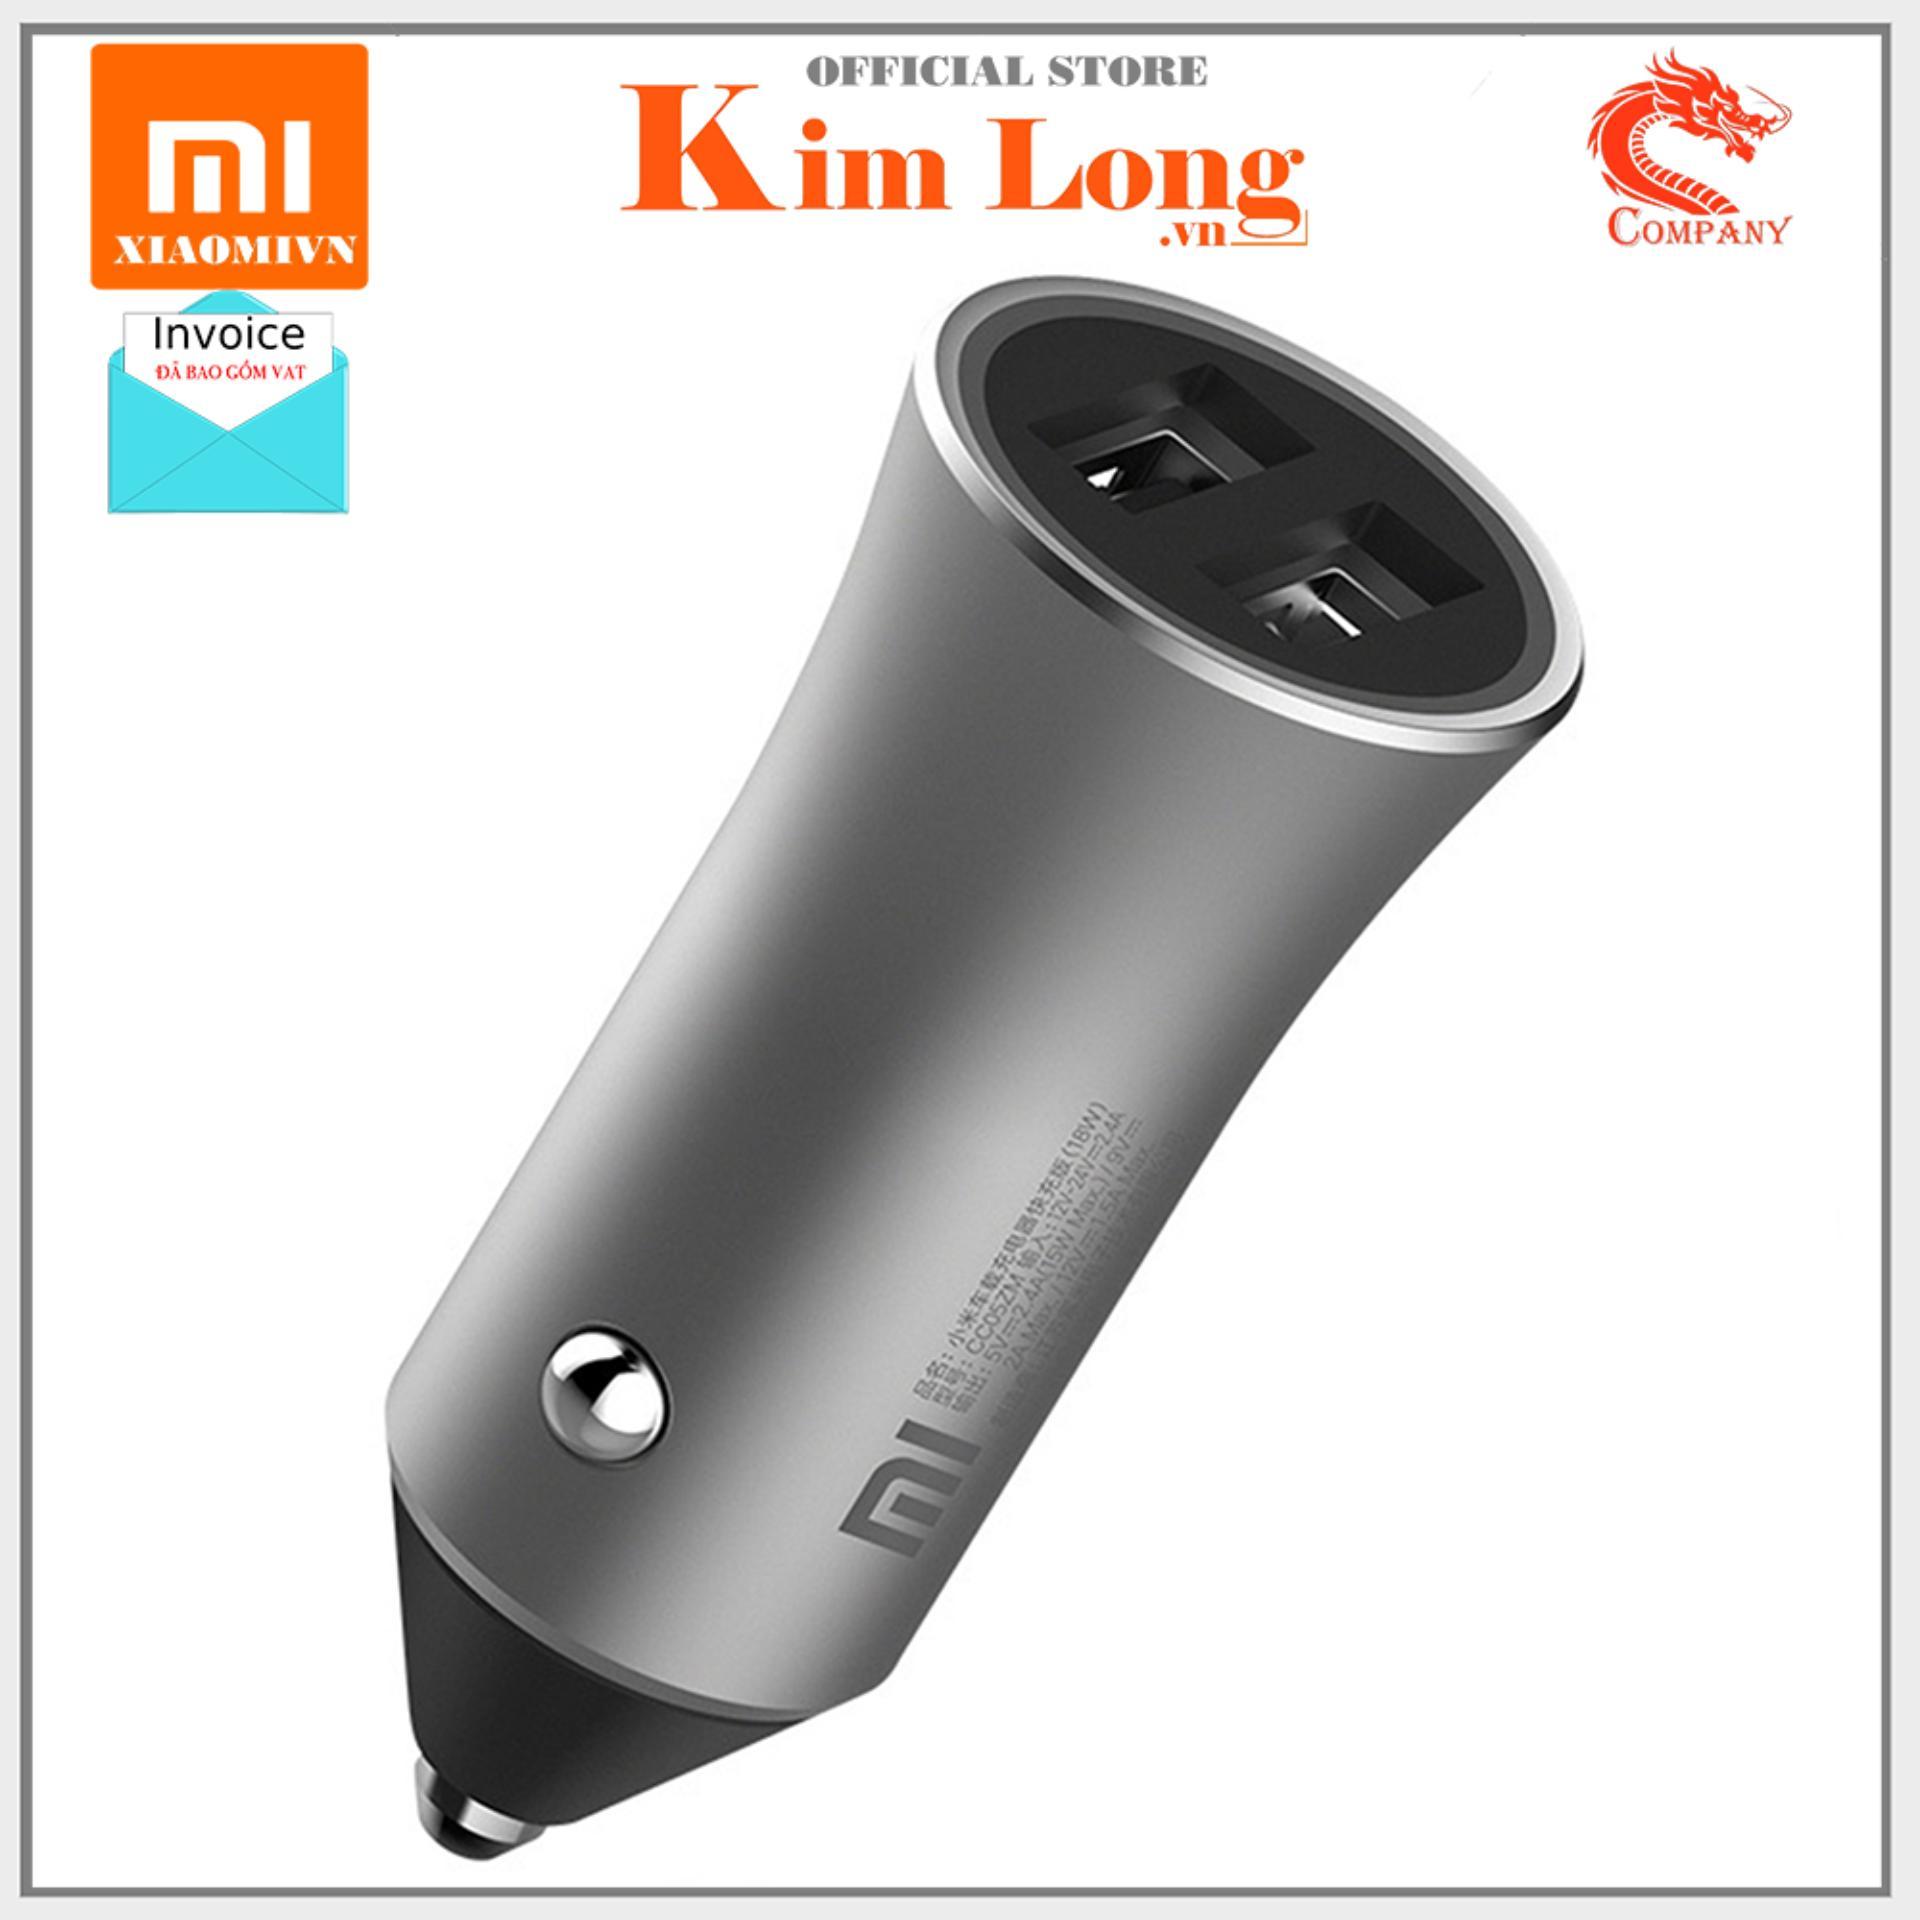 Sạc ô tô xe hơi Xiaomi Pro car charger 2 Usb, QC 3.0 (18 W) - Bảo hành chính hãng